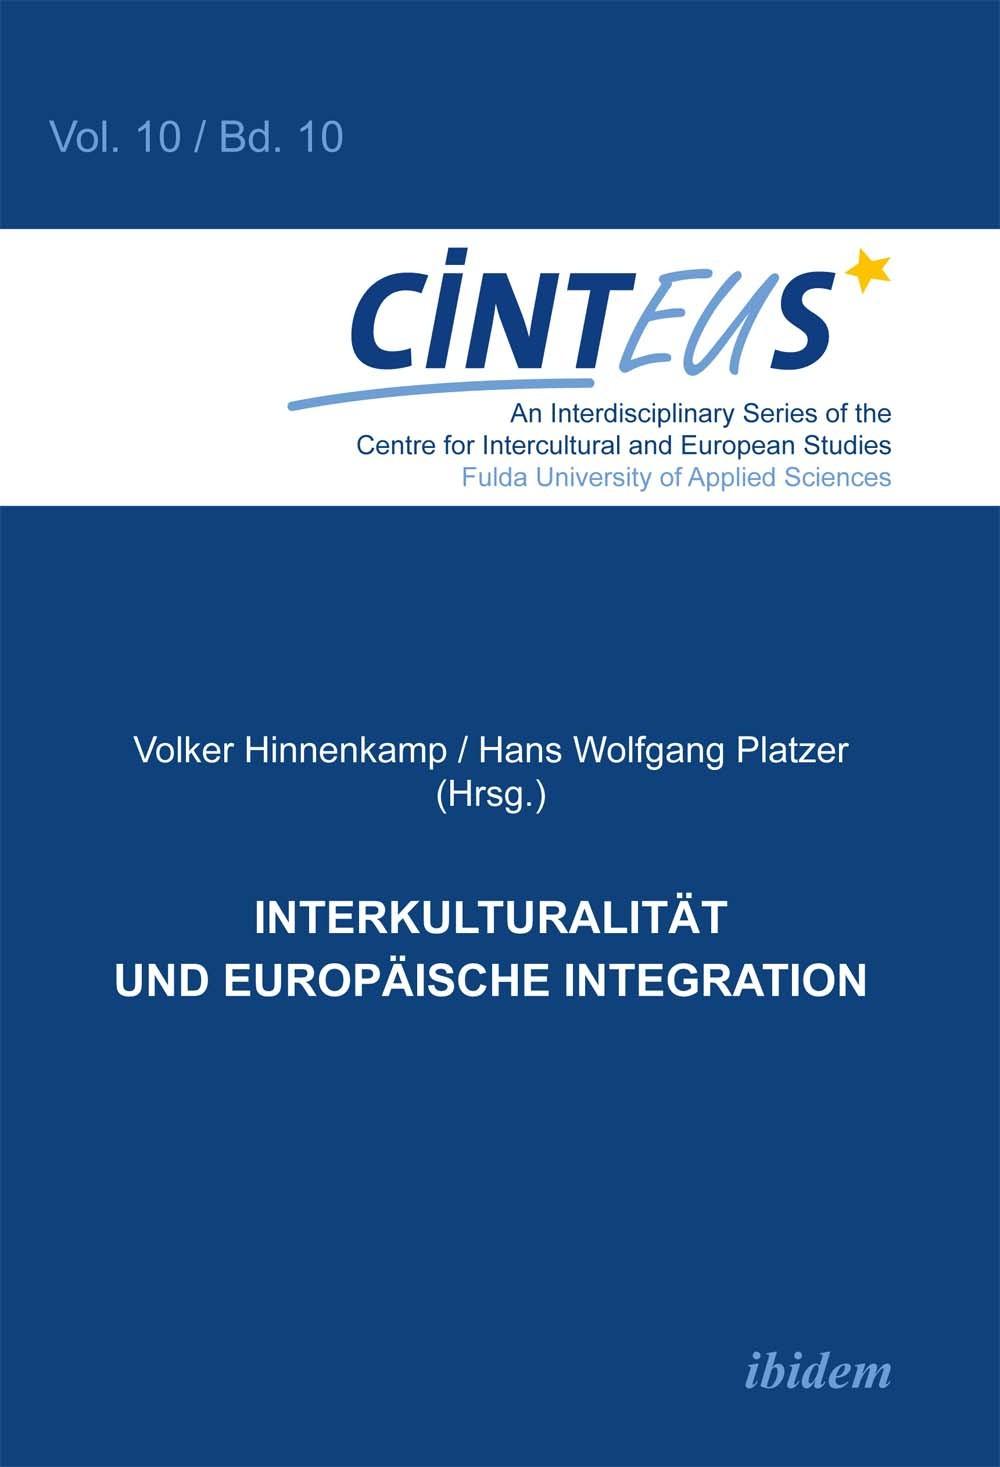 Interkulturalität und Europäische Integration